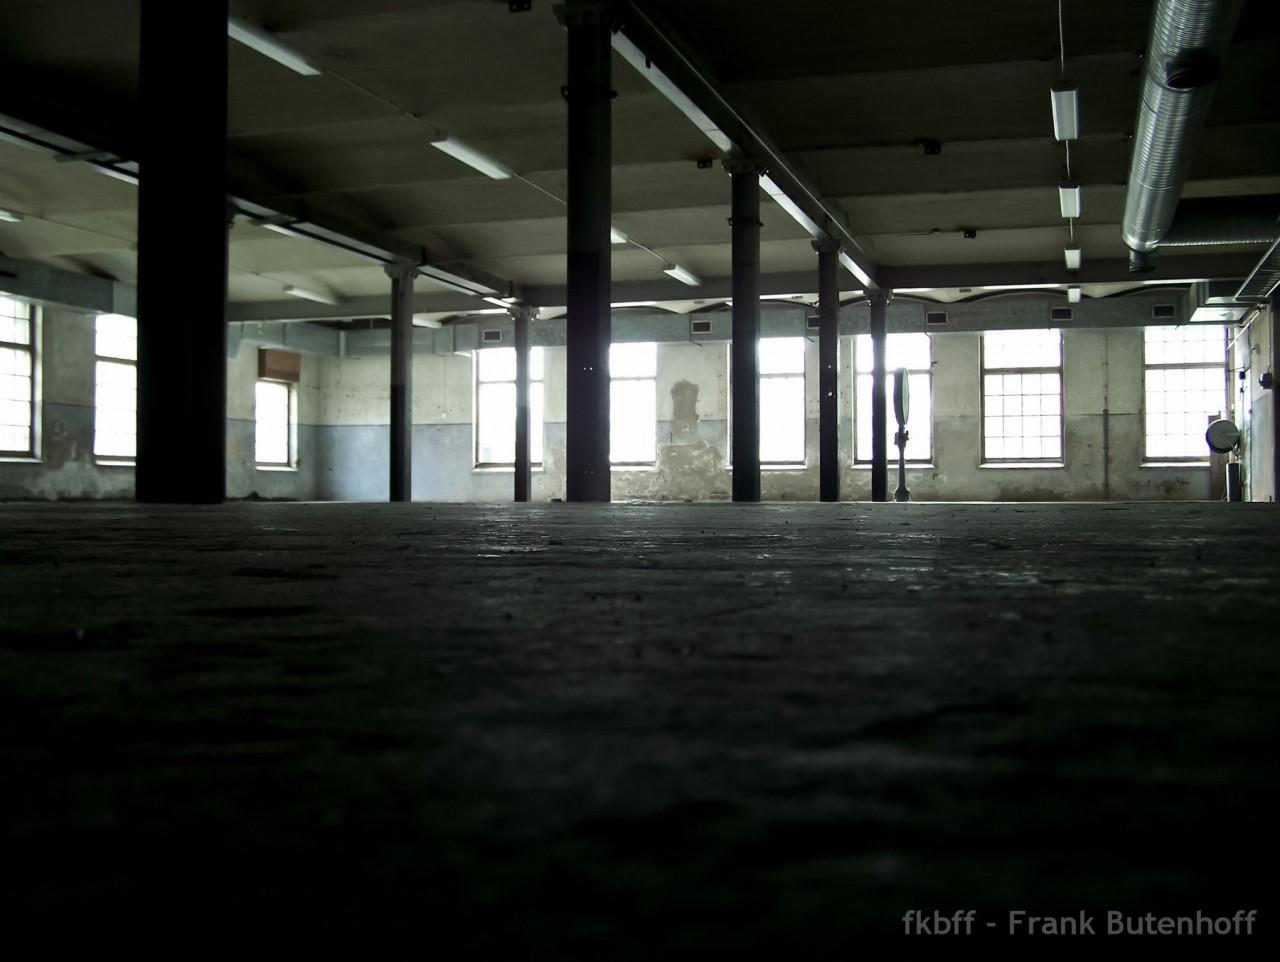 Eine leere Textilfabrik in Schweden